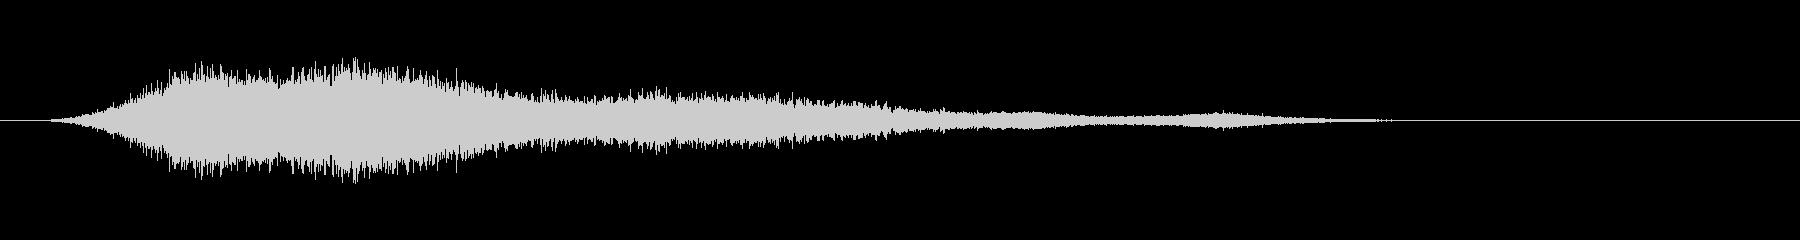 シャープシンフォニックロゴの未再生の波形